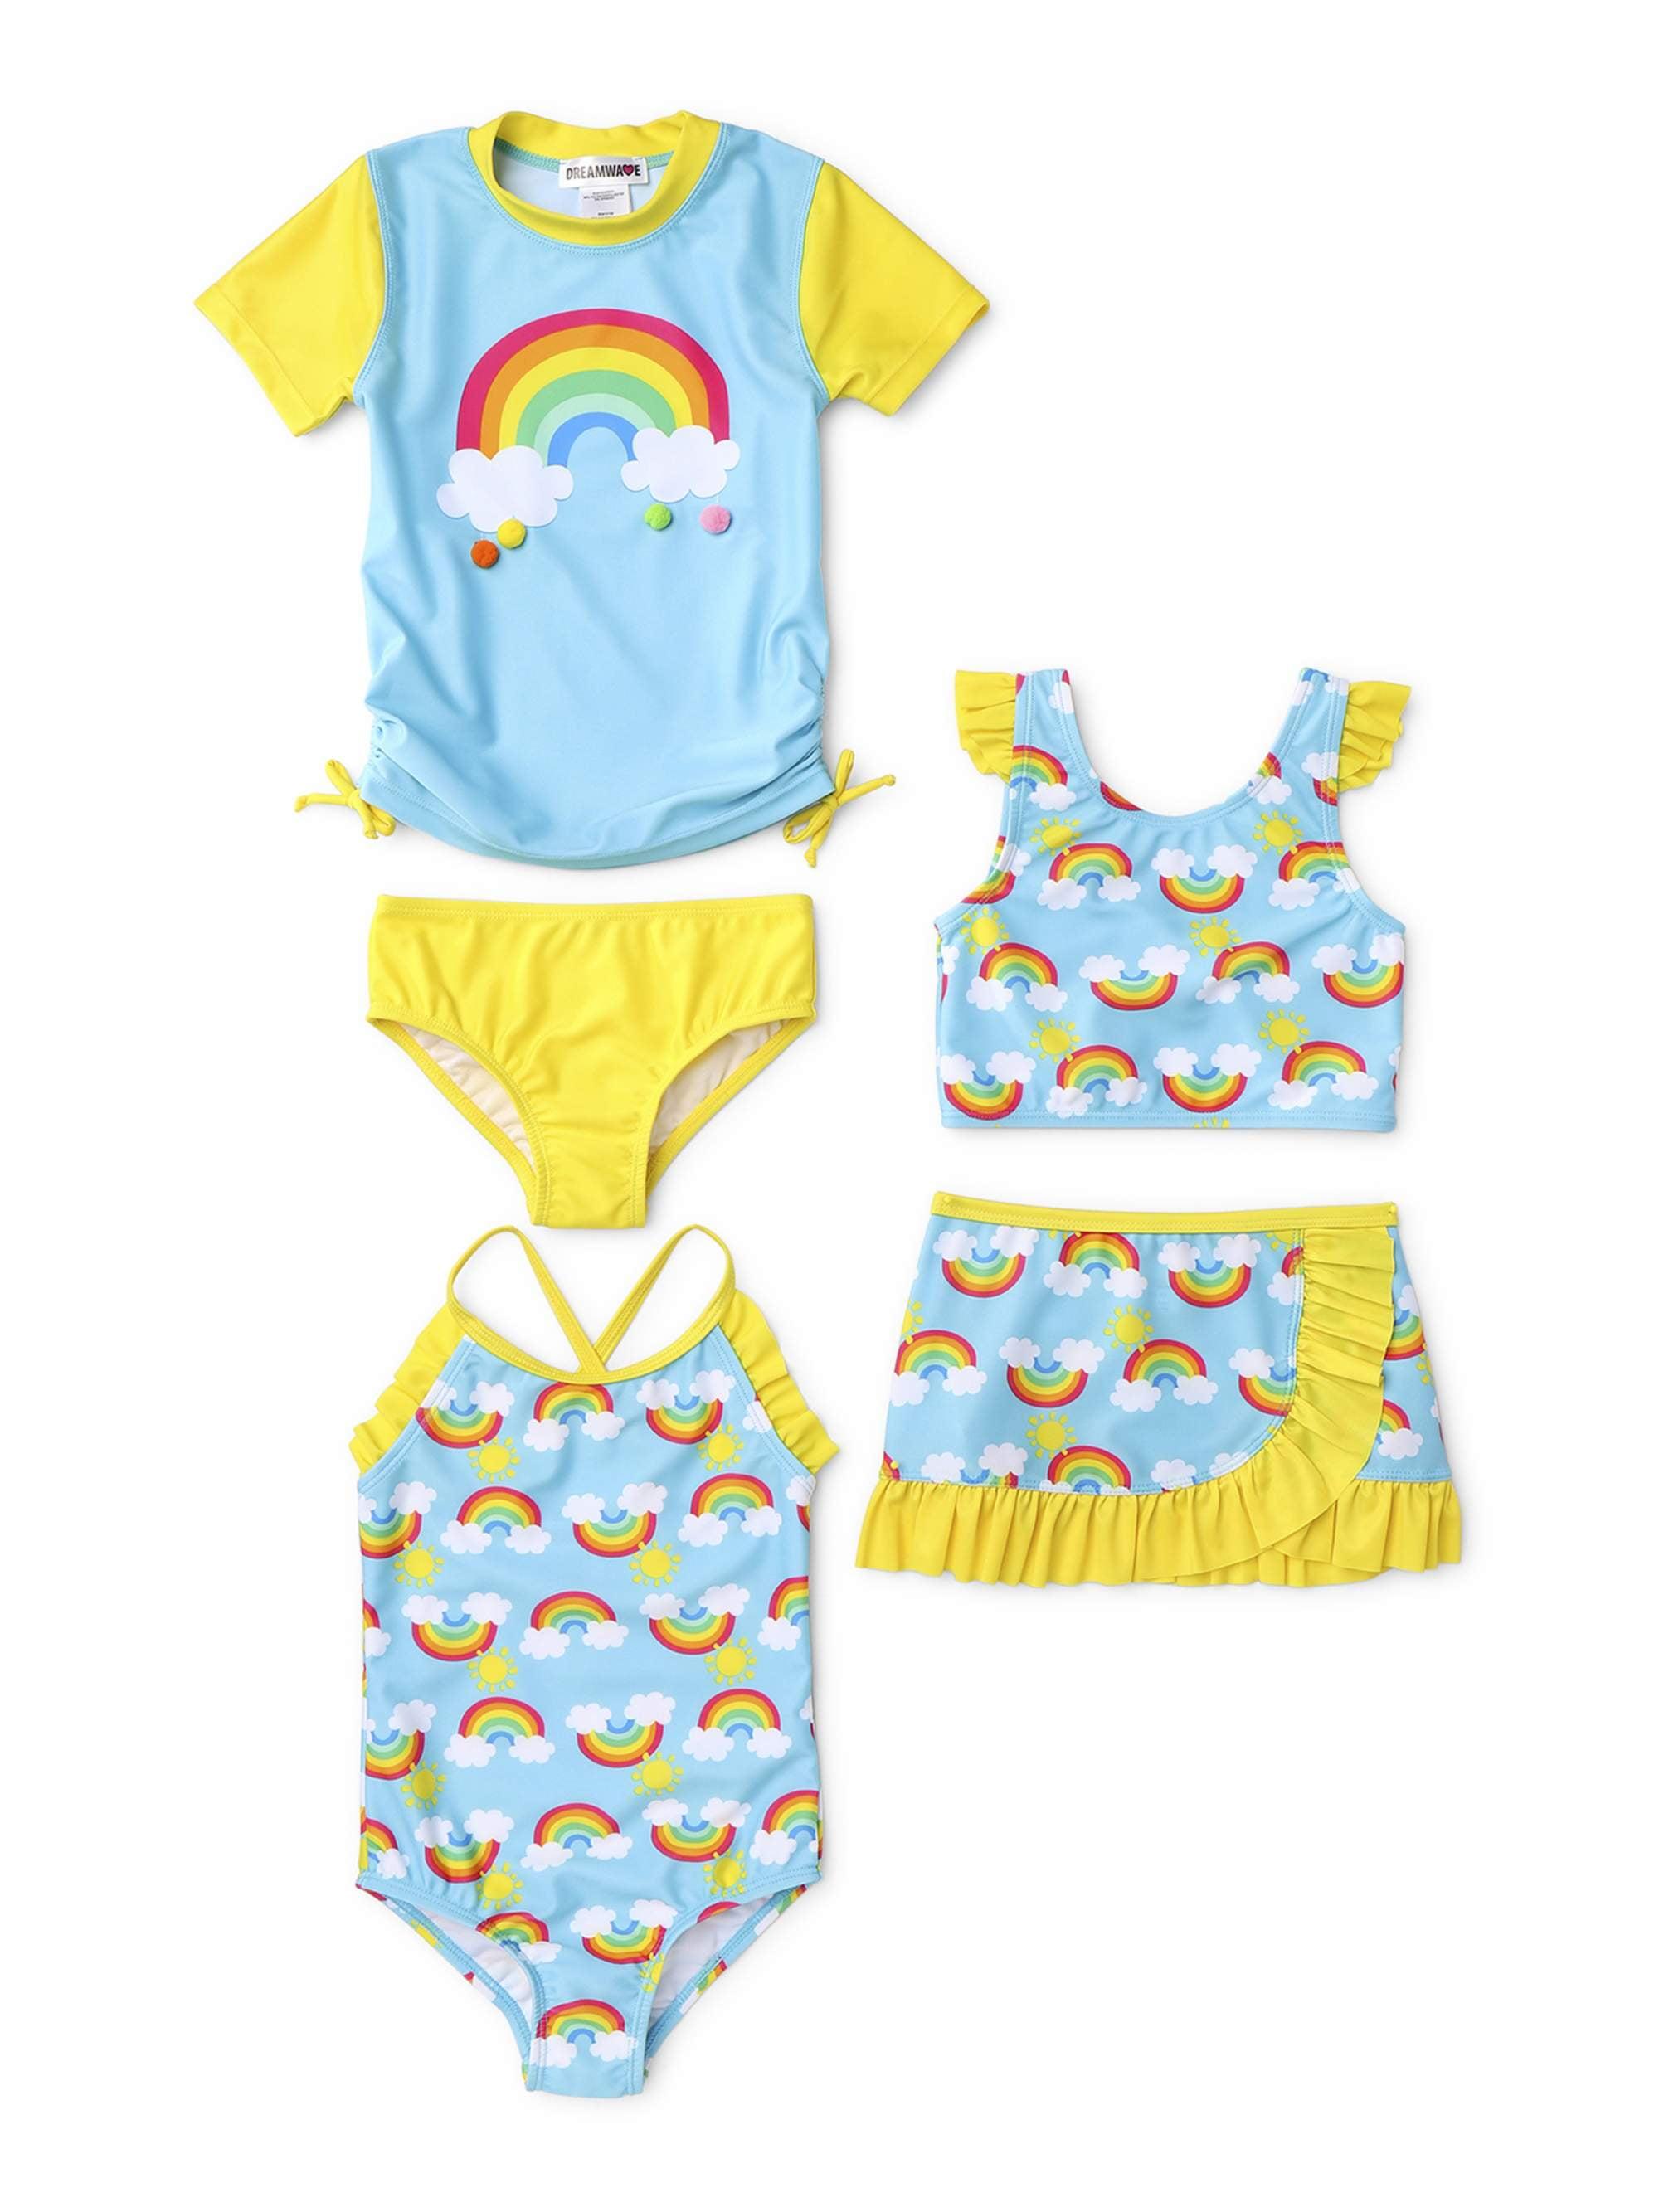 Wippette Girls Toddler Sunflower Swimsuit